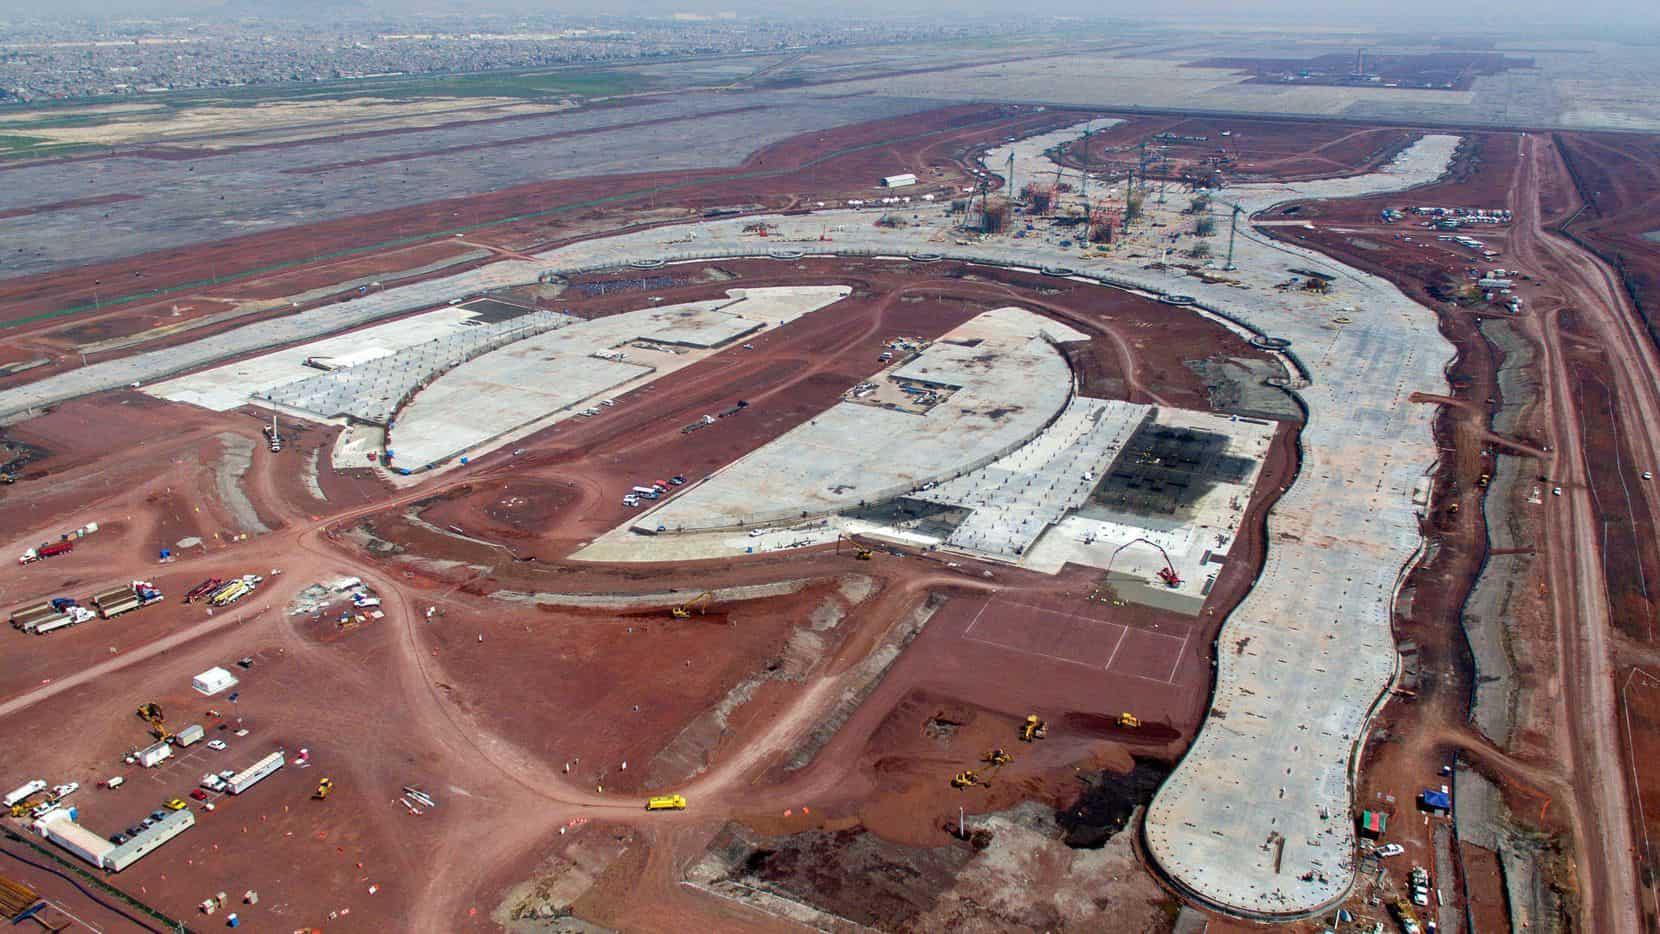 Aeropuerto de cdmx. Foto aldiadallas